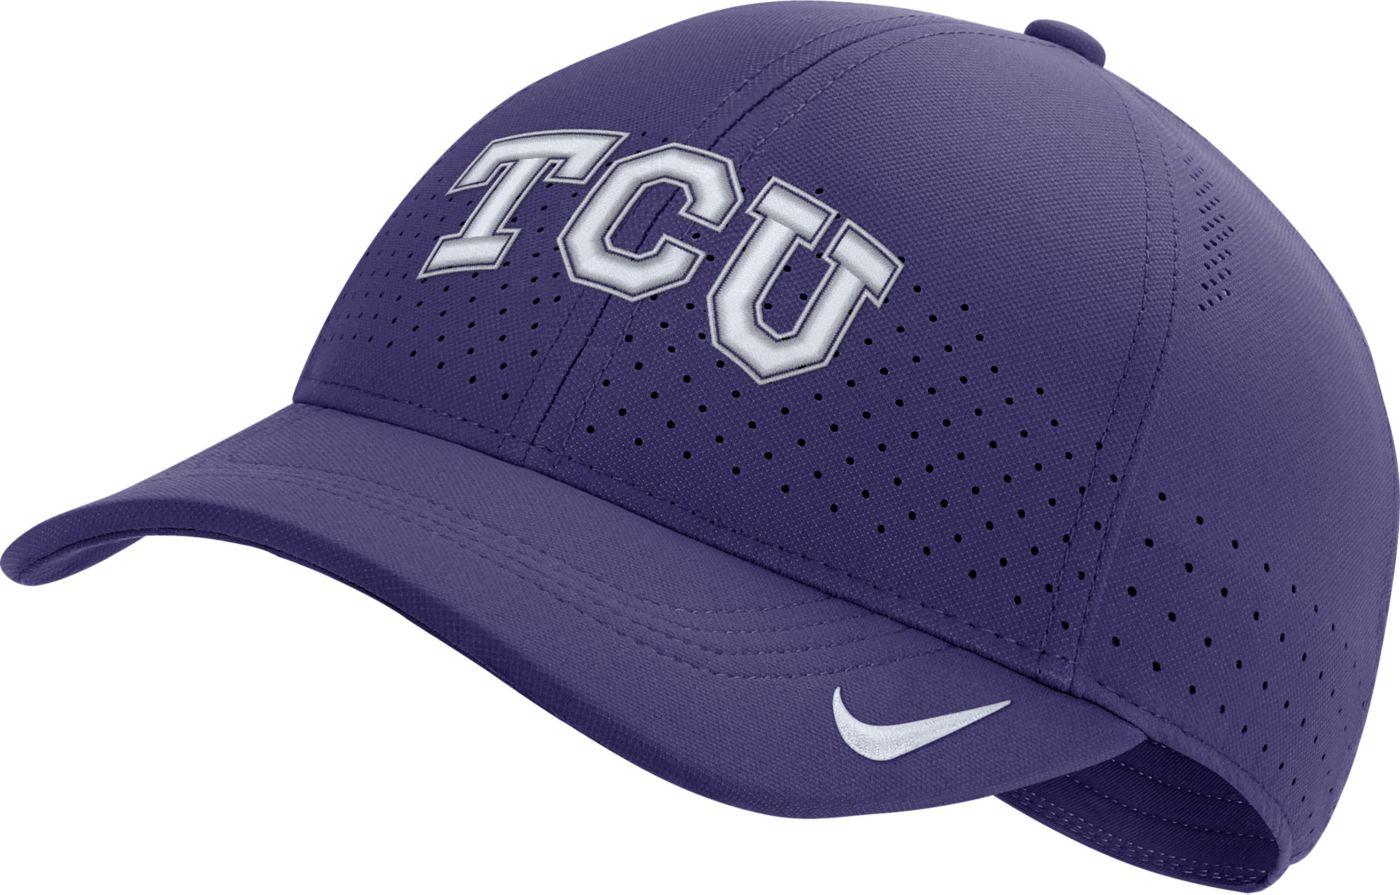 Nike Men's TCU Horned Frogs Purple Aerobill Classic99 Football Sideline Hat